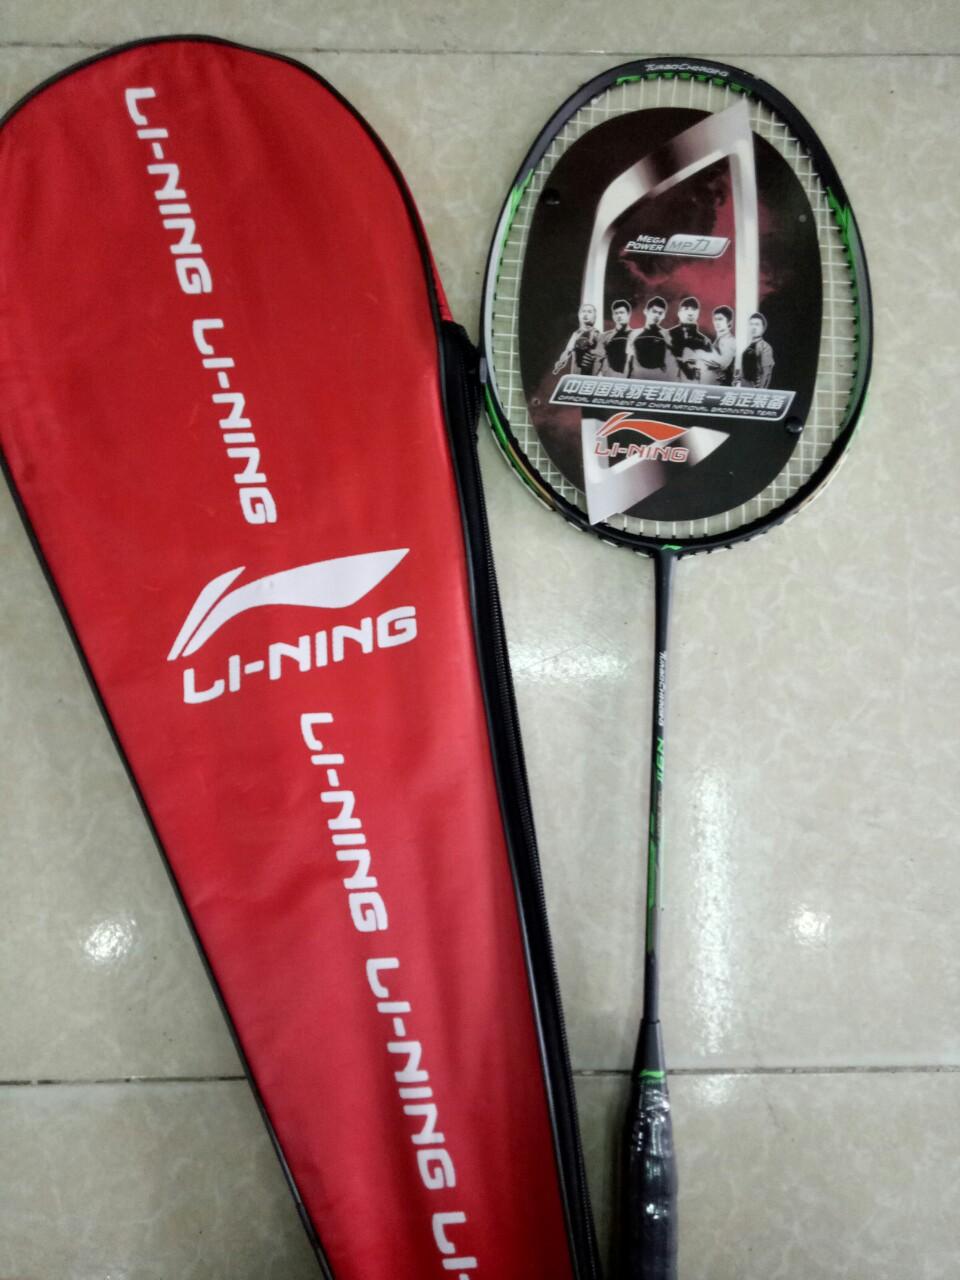 Bảng giá Vợt cầu lông Li-ning - có cước, tặng bao vợt siêu đẹp- KHung khỏe -Ảnh thật sản phẩm